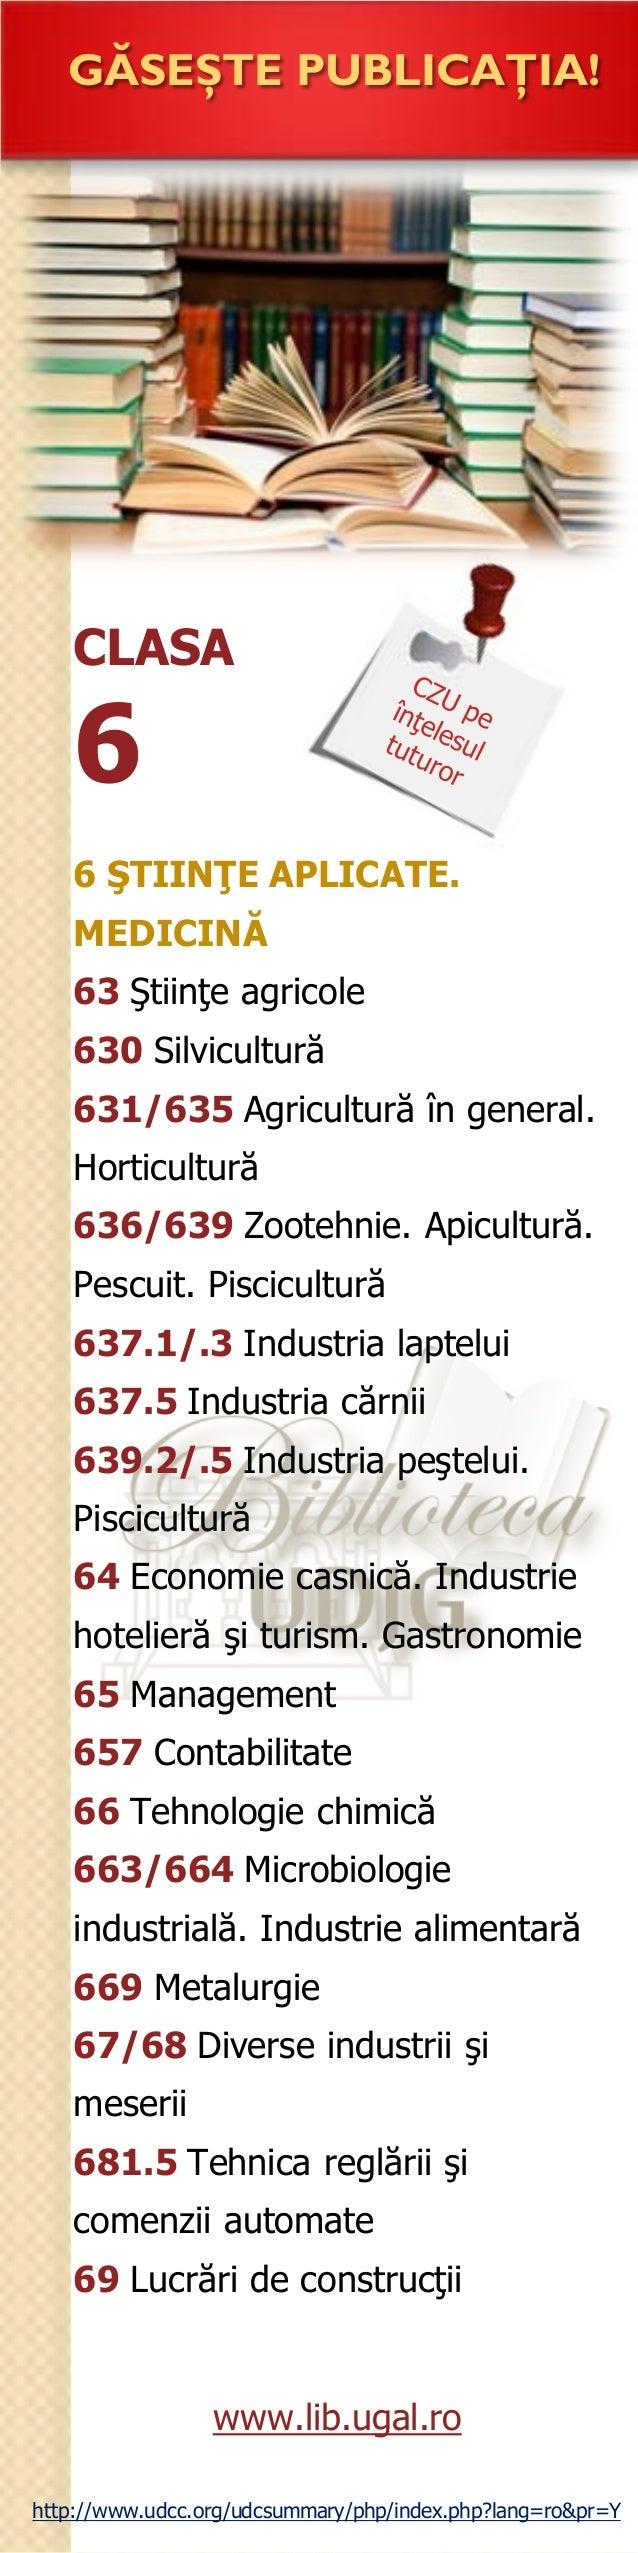 CLASA 6 GĂSEŞTE PUBLICAŢIA! 6 ŞTIINŢE APLICATE. MEDICINĂ 63 Ştiinţe agricole 630 Silvicultură 631/635 Agricultură în gener...